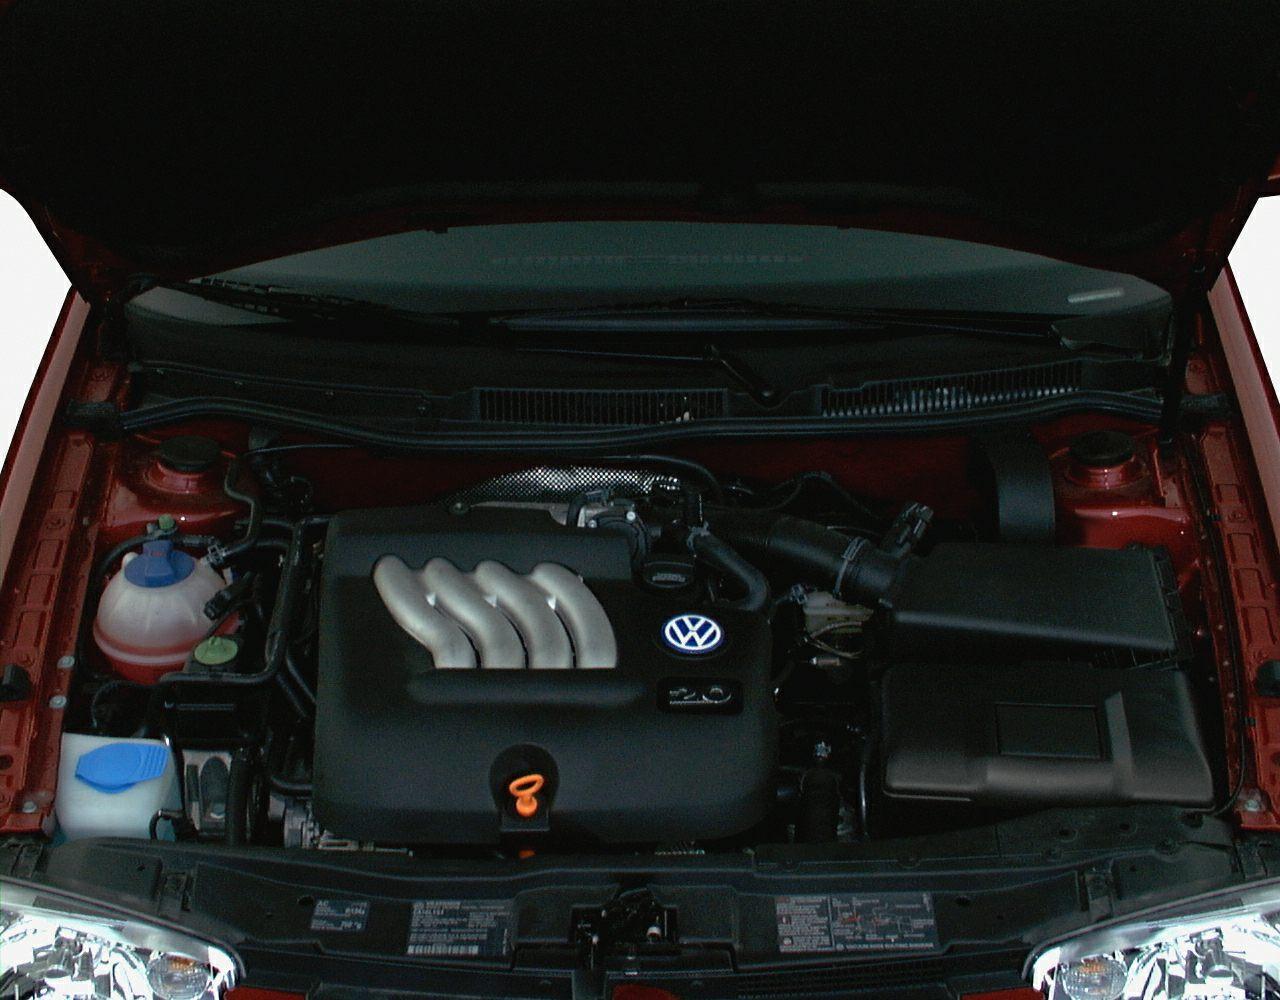 2000 Volkswagen Jetta GLS Sedan for sale in Quincy for $4,999 with 82,186 miles.